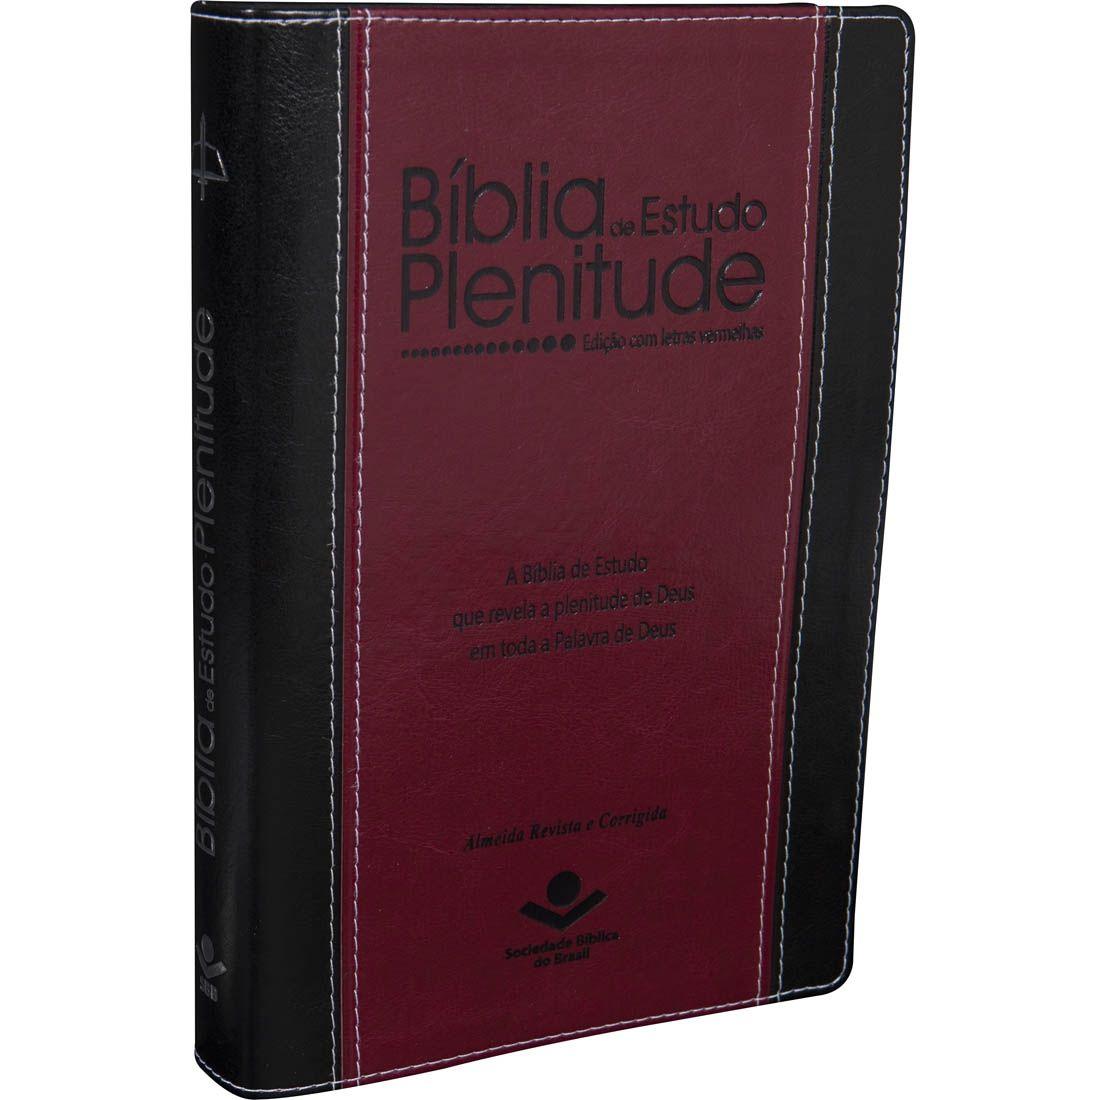 Bíblia de Estudo Plenitude com Índice | ARC - Preta e Vinho